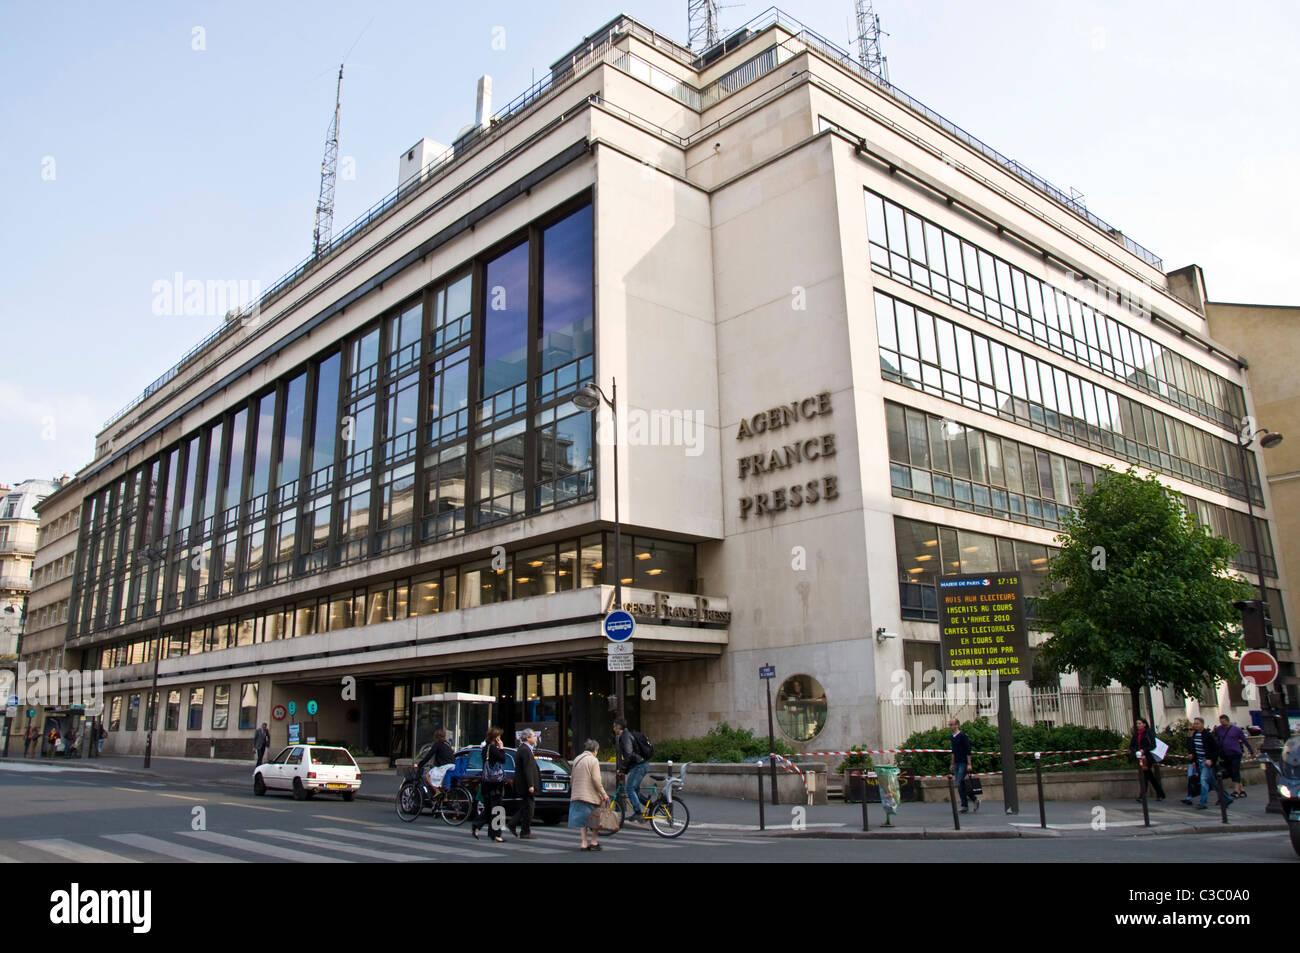 Des bureaux de l agence de presse agence france presse afp banque